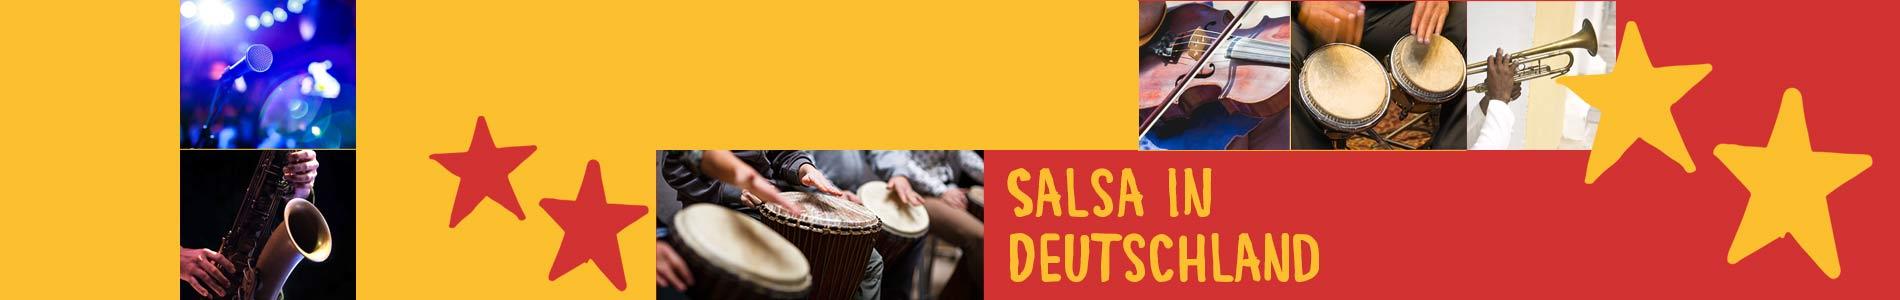 Salsa in Buttlar – Salsa lernen und tanzen, Tanzkurse, Partys, Veranstaltungen